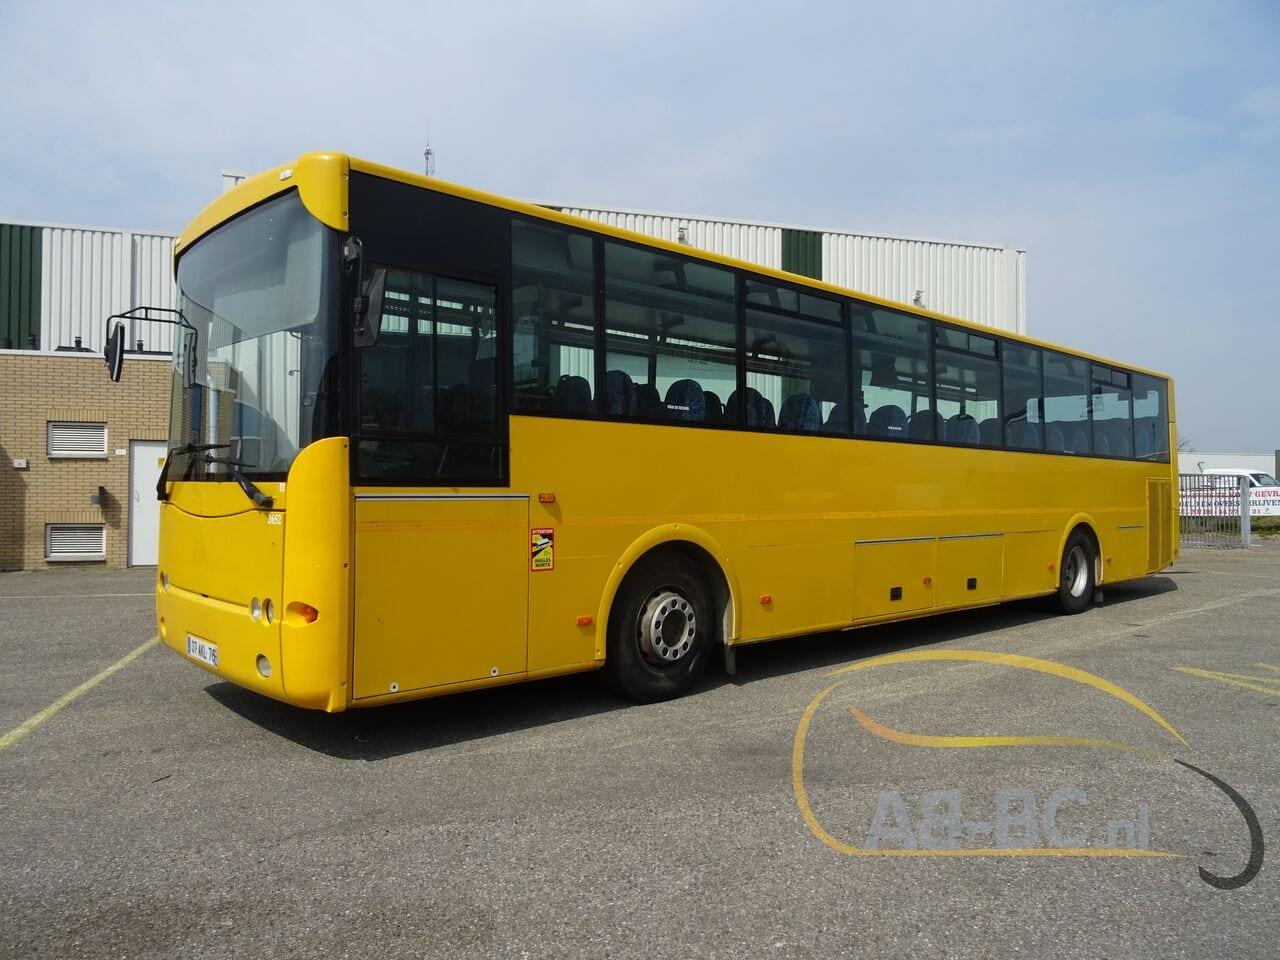 interurban-busMAN-Fast-64-seats---1619619687135229787_big_2f2cc35a12de061897cf0b8ecbaaa442--21042817163019598600